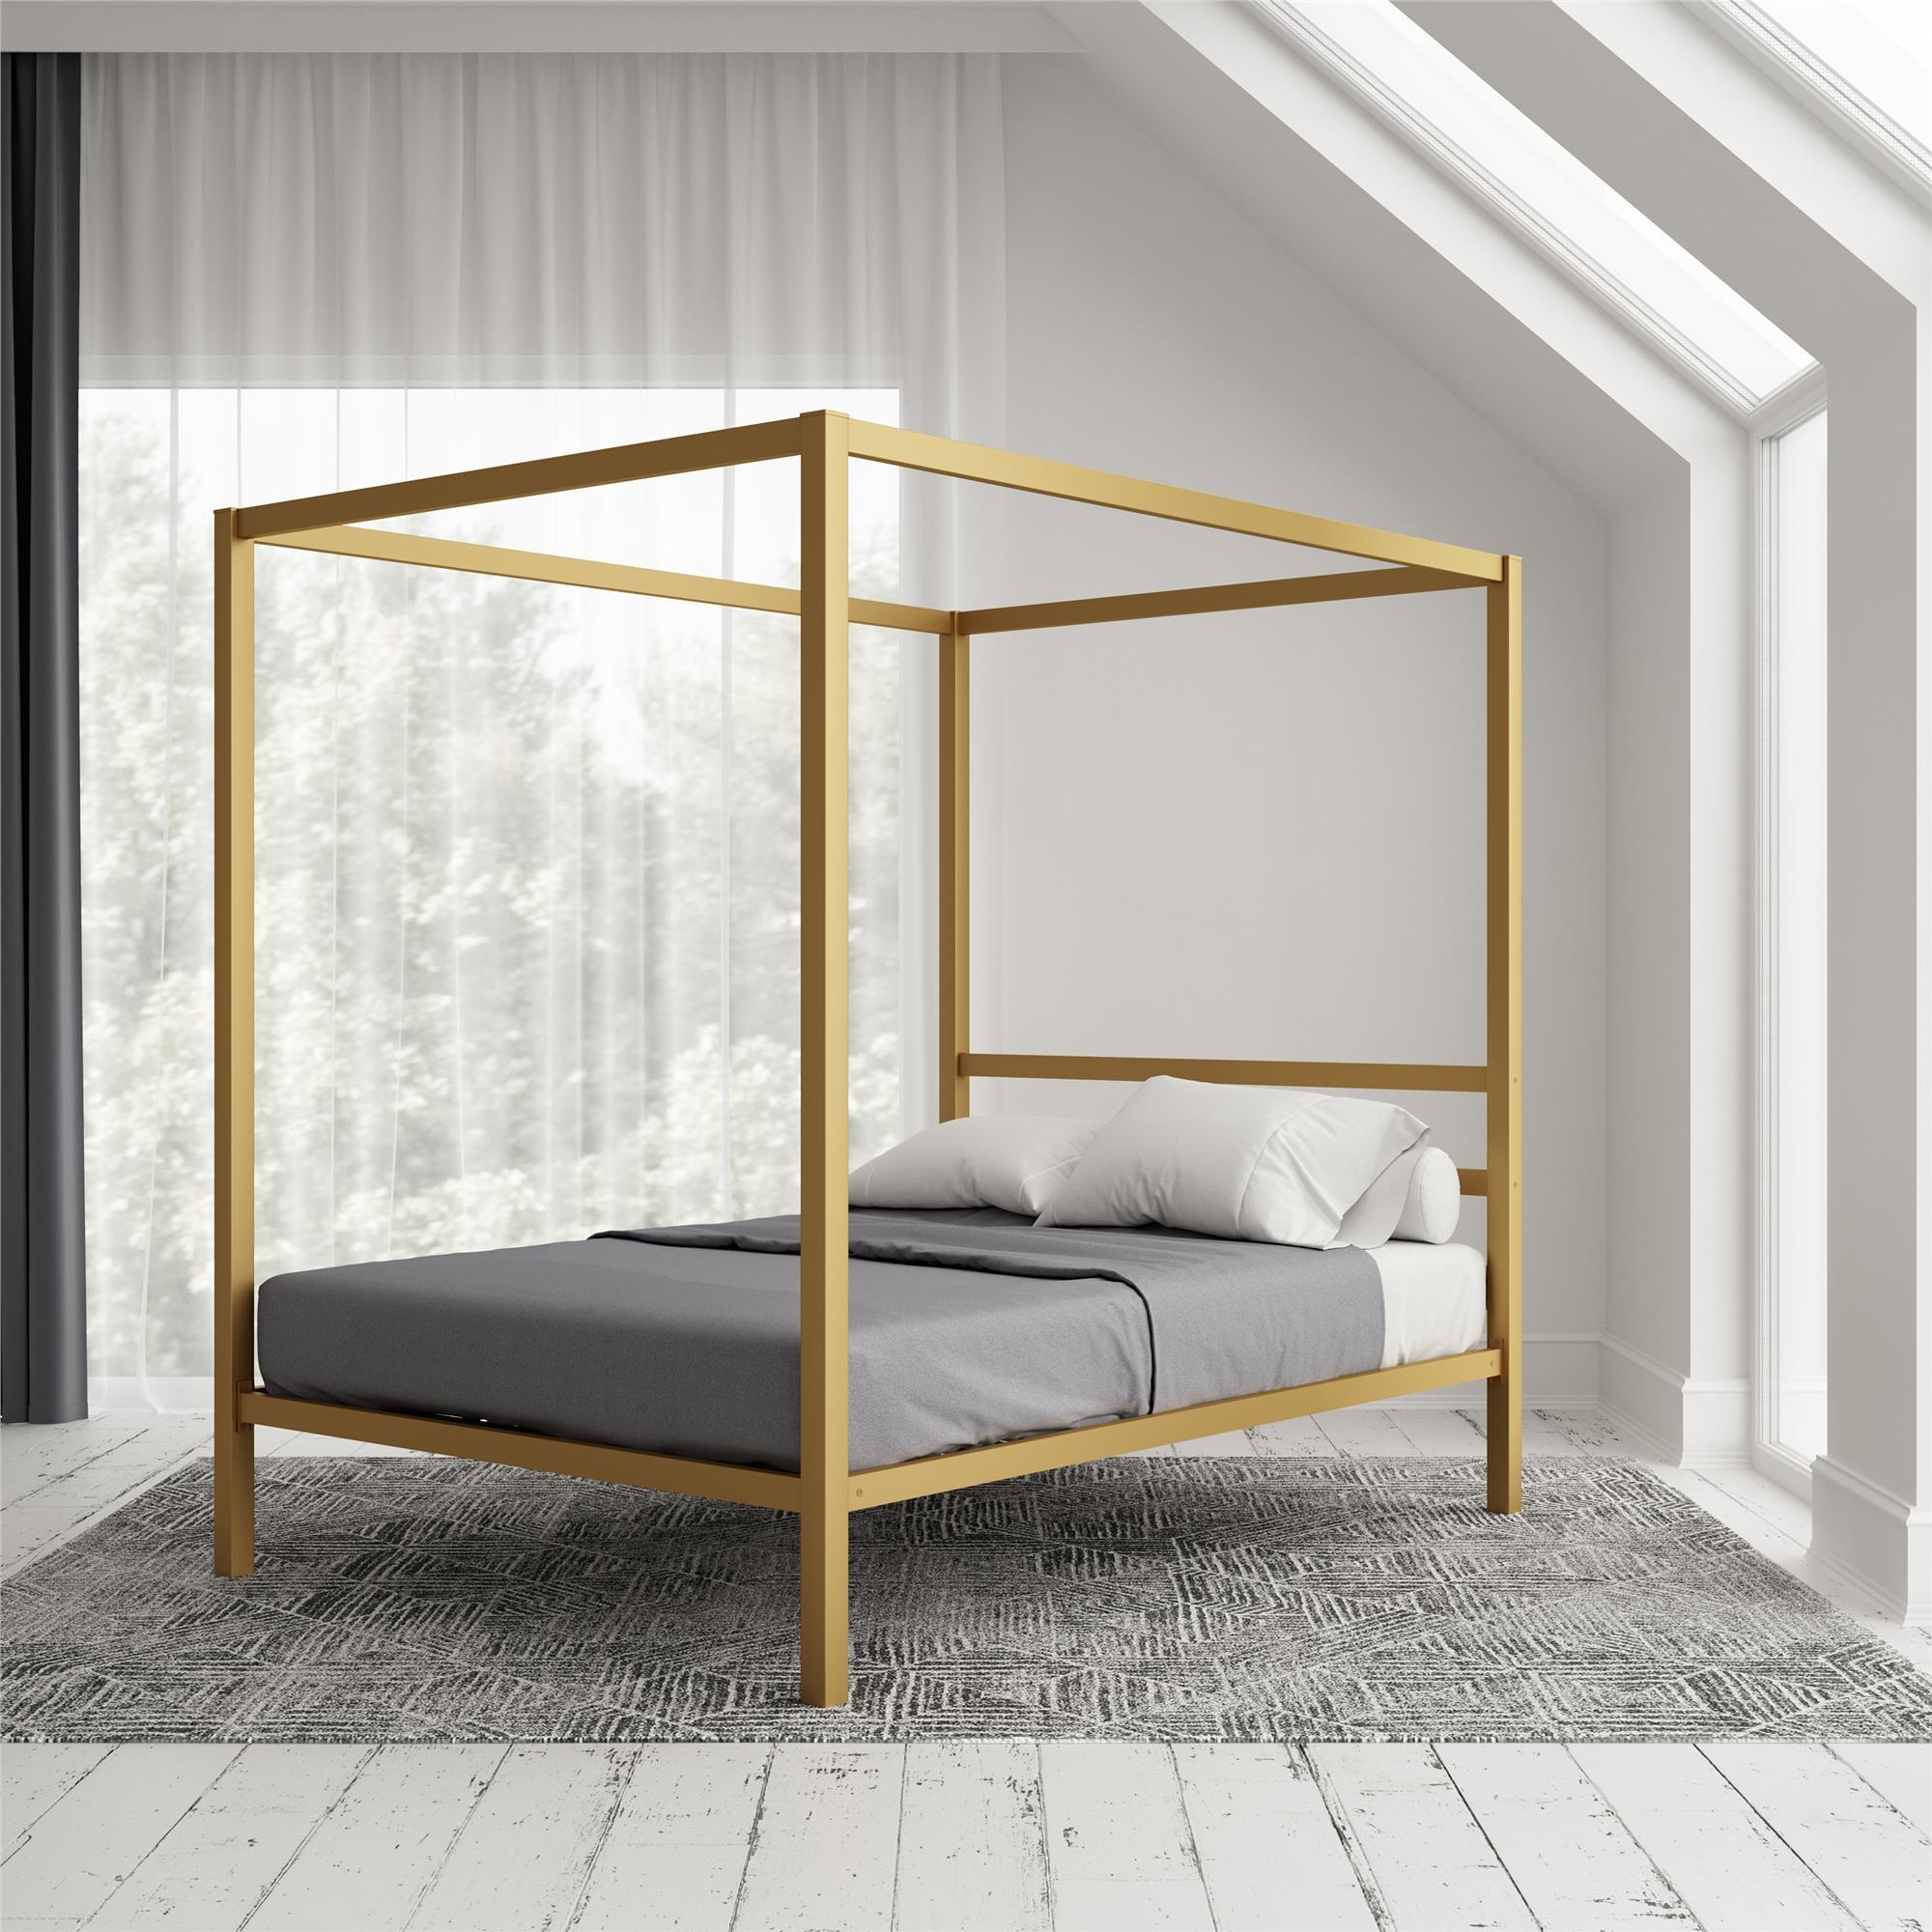 Dhp Modern Canopy Bed Gold Multiple Sizes Queen Walmart Com Walmart Com